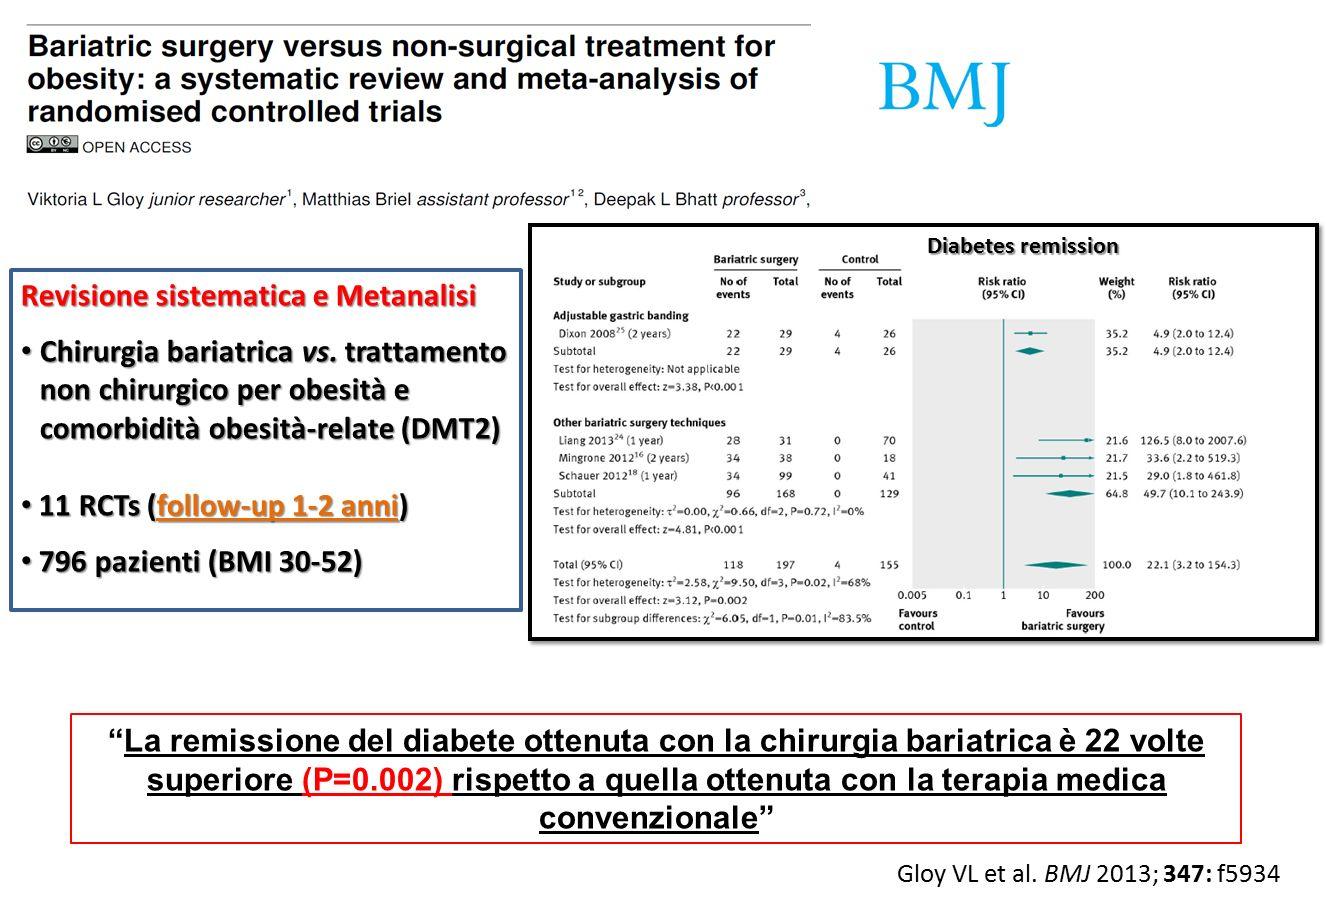 Calcolo del sample size Considerando i risultati di pregressi studi clinici randomizzati* ed il fatto che verranno considerati pazienti con recente diagnosi di DMT2 abbiamo ipotizzato che: il 30% dei pazienti in terapia medica raggiungeranno ad 1 anno una risoluzione del diabete un tasso di risoluzione del diabete ad 1 anno dalla randomizzazione pari almeno all'80% dopo chirurgia possa essere considerato come clinicamente significativo Quindi un totale di 40 pazienti (20 per braccio di trattamento) dovranno essere arruolati per dimostrare una differenza del 50% tra i trattamenti con una potenza del 90 % per il test del chi- quadrato a doppia coda con un livello di probabilità del 5%.